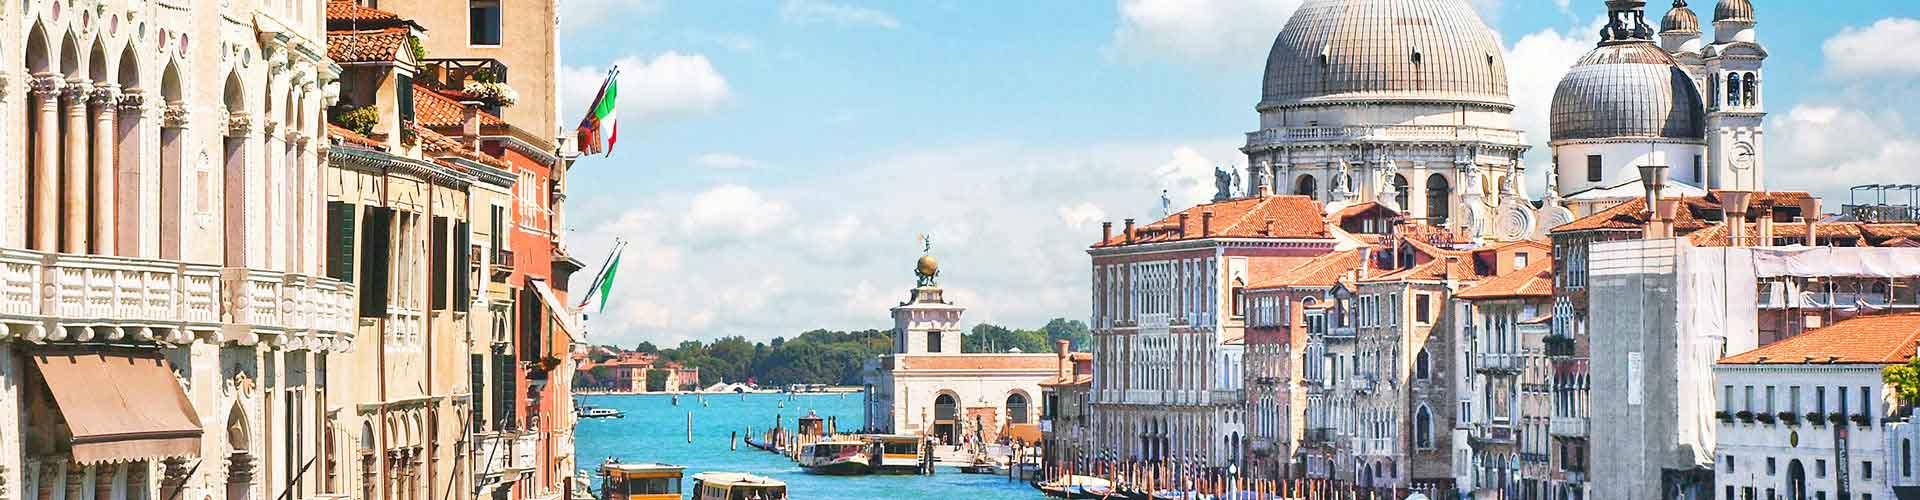 Benátky - Hostelů v Benátky. Mapy pro Benátky, fotky a recenze pro každý hostel v Benátky.